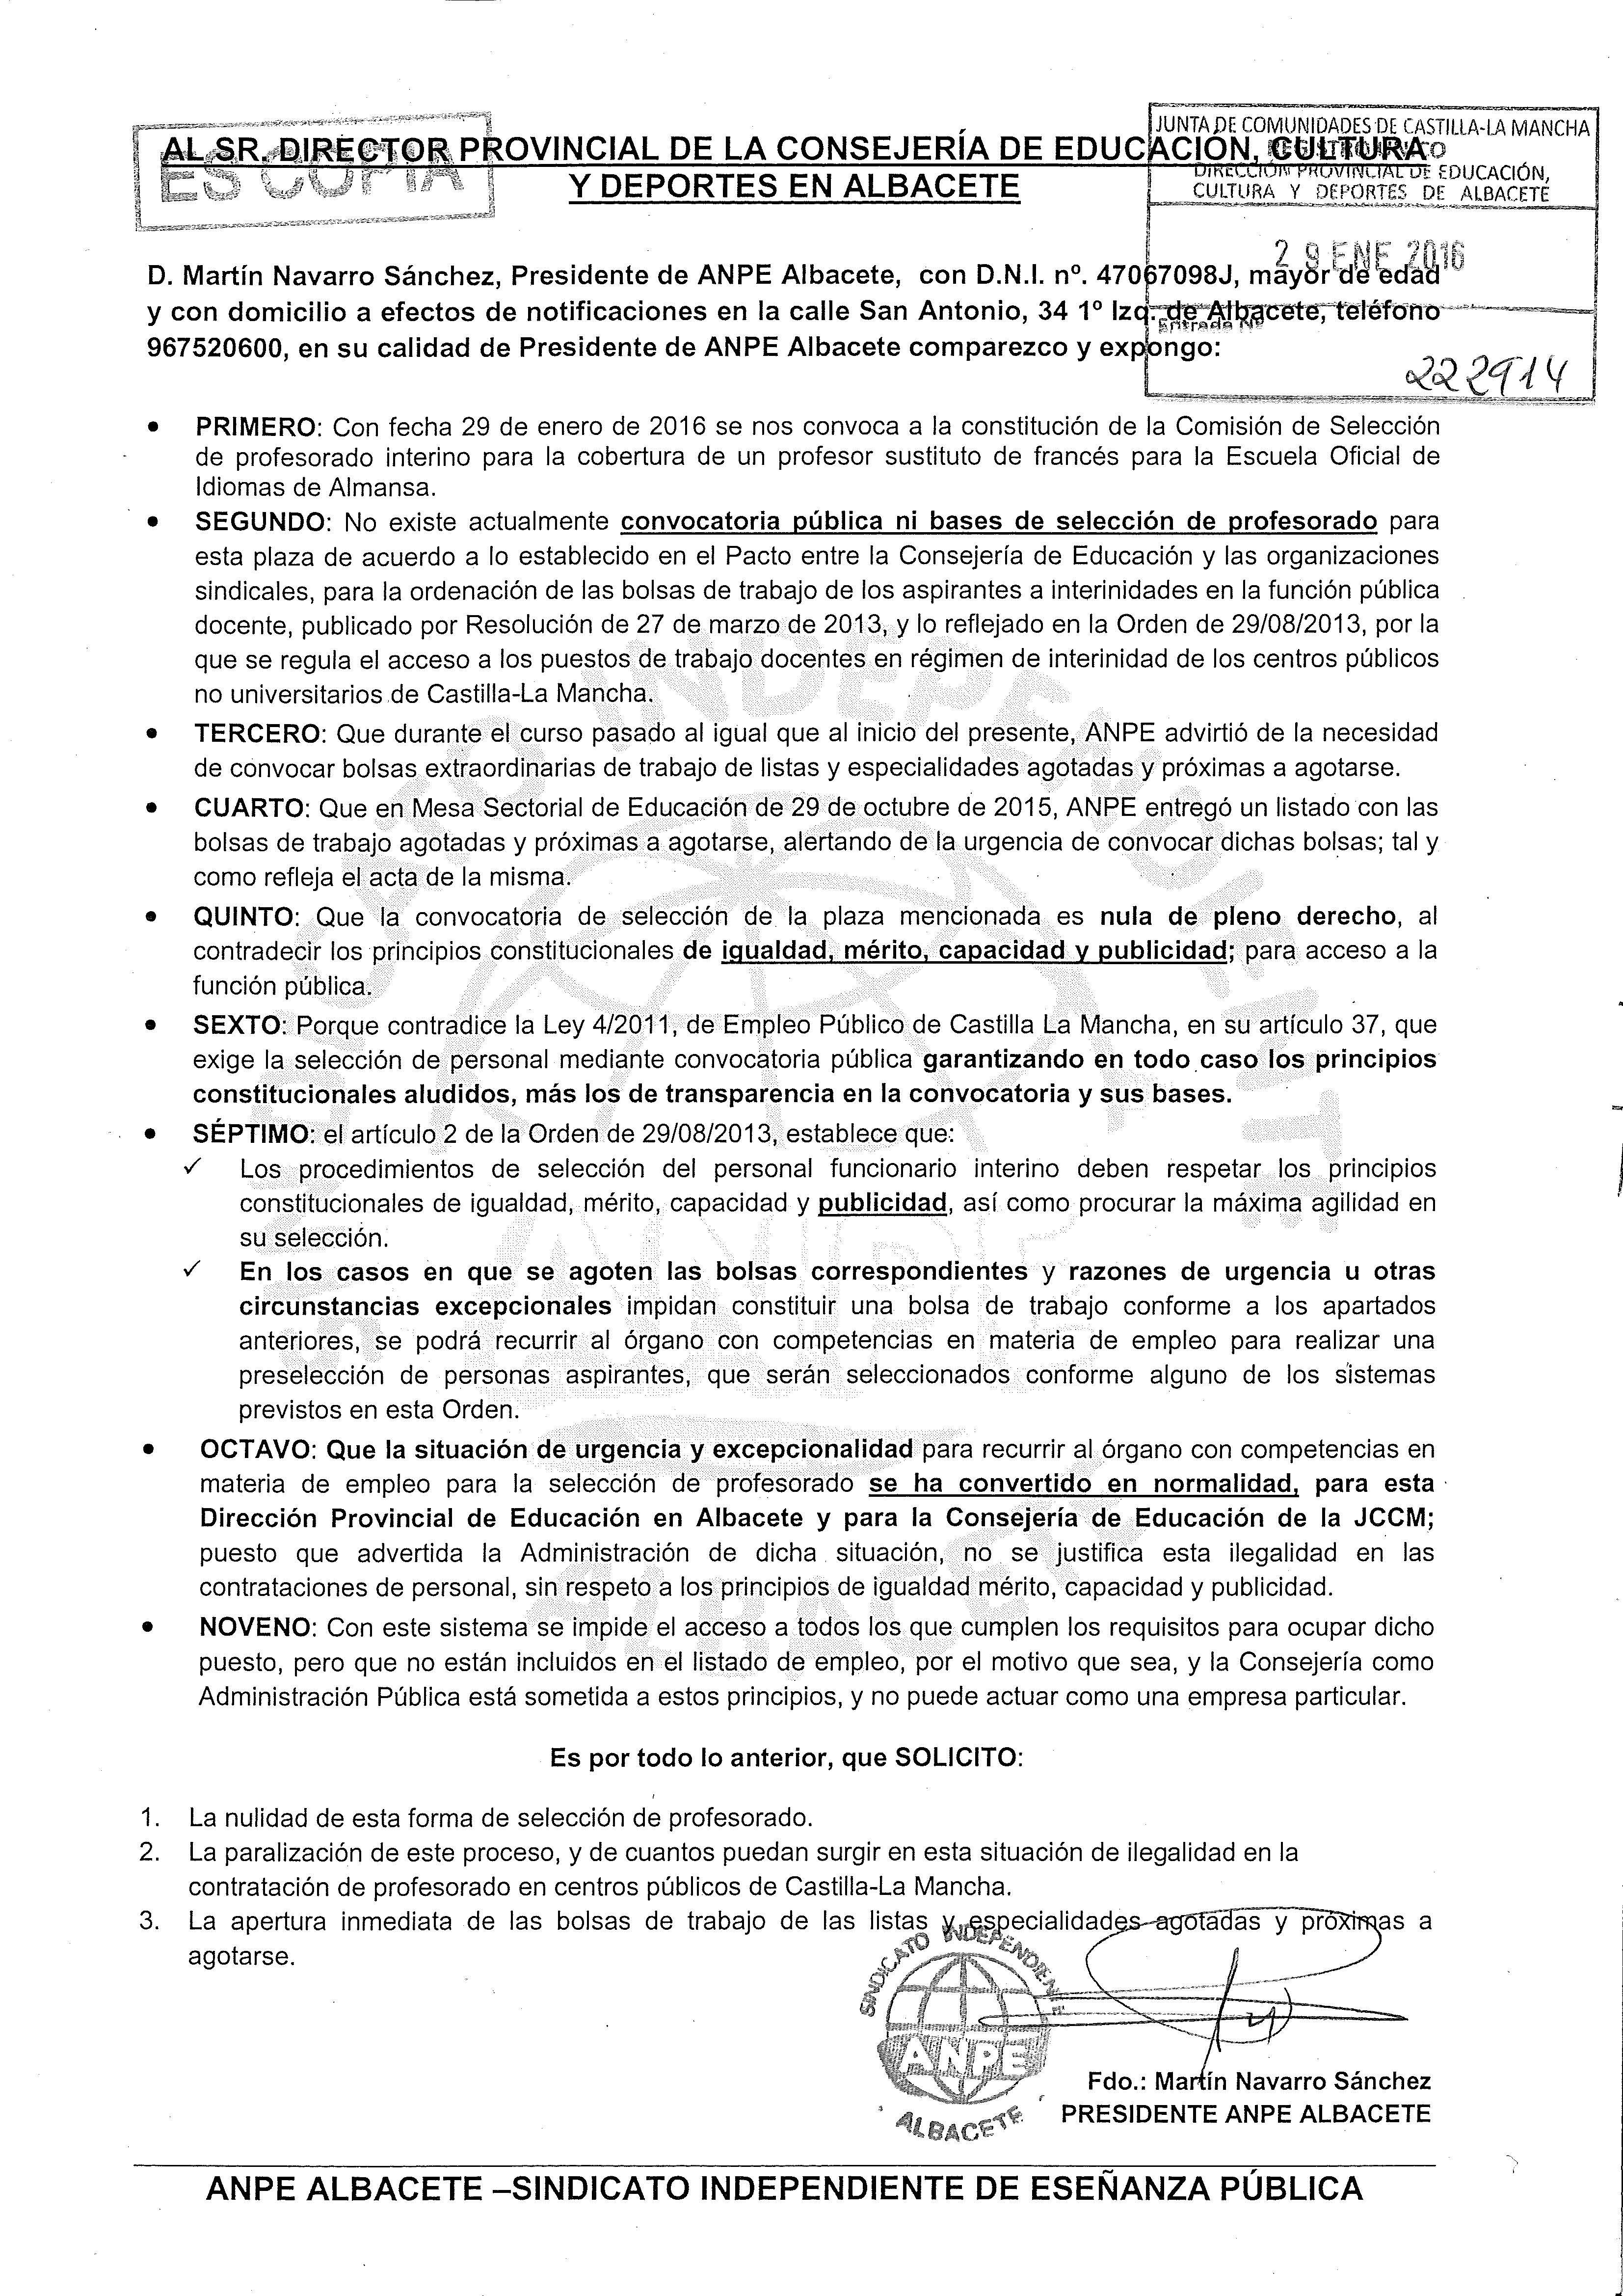 29-01-2016 Escrito Impugnación ANPE Contratación Interinos E Medias